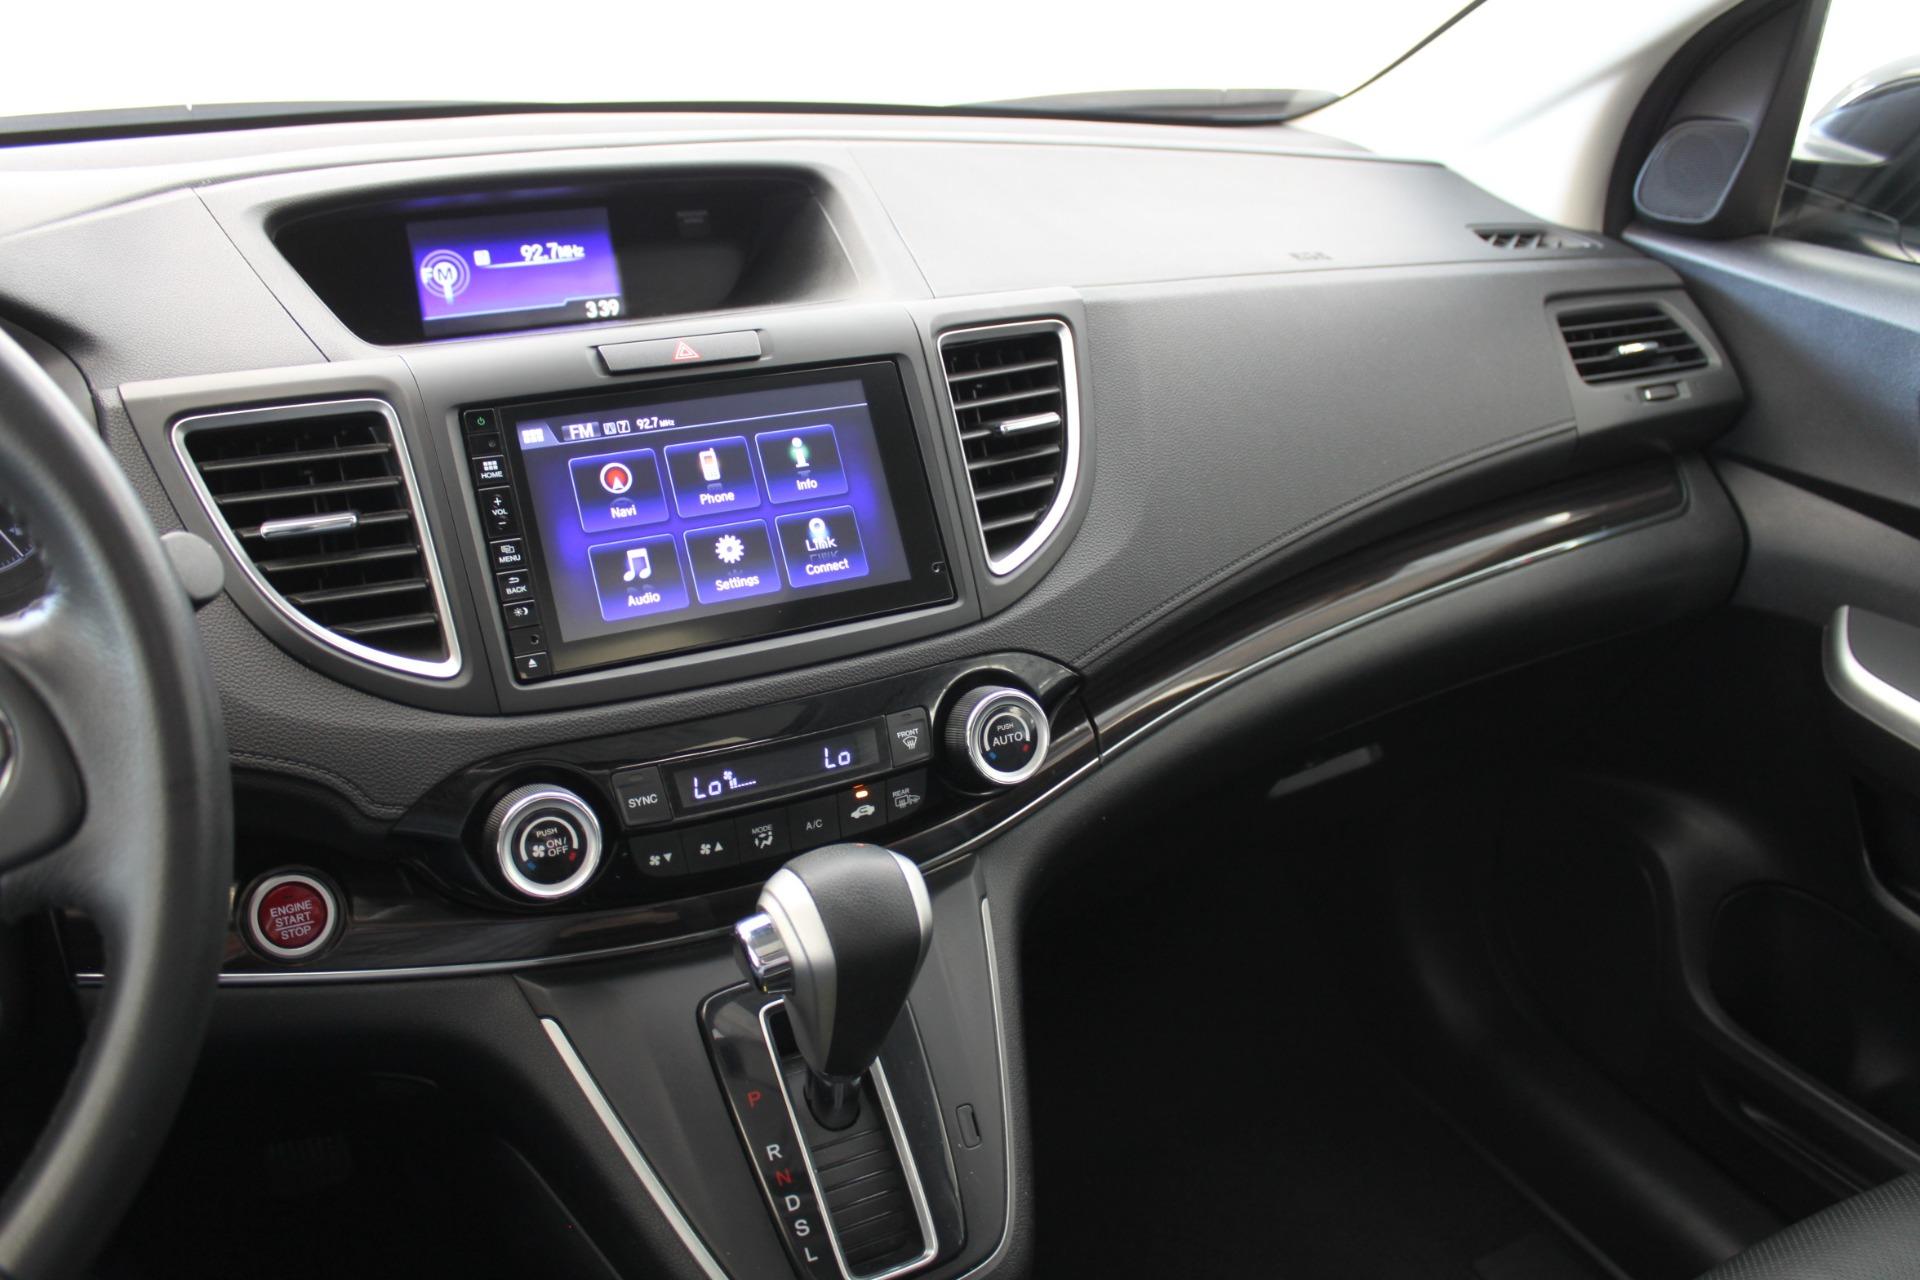 Used-2016-Honda-CR-V-Touring-Range-Rover